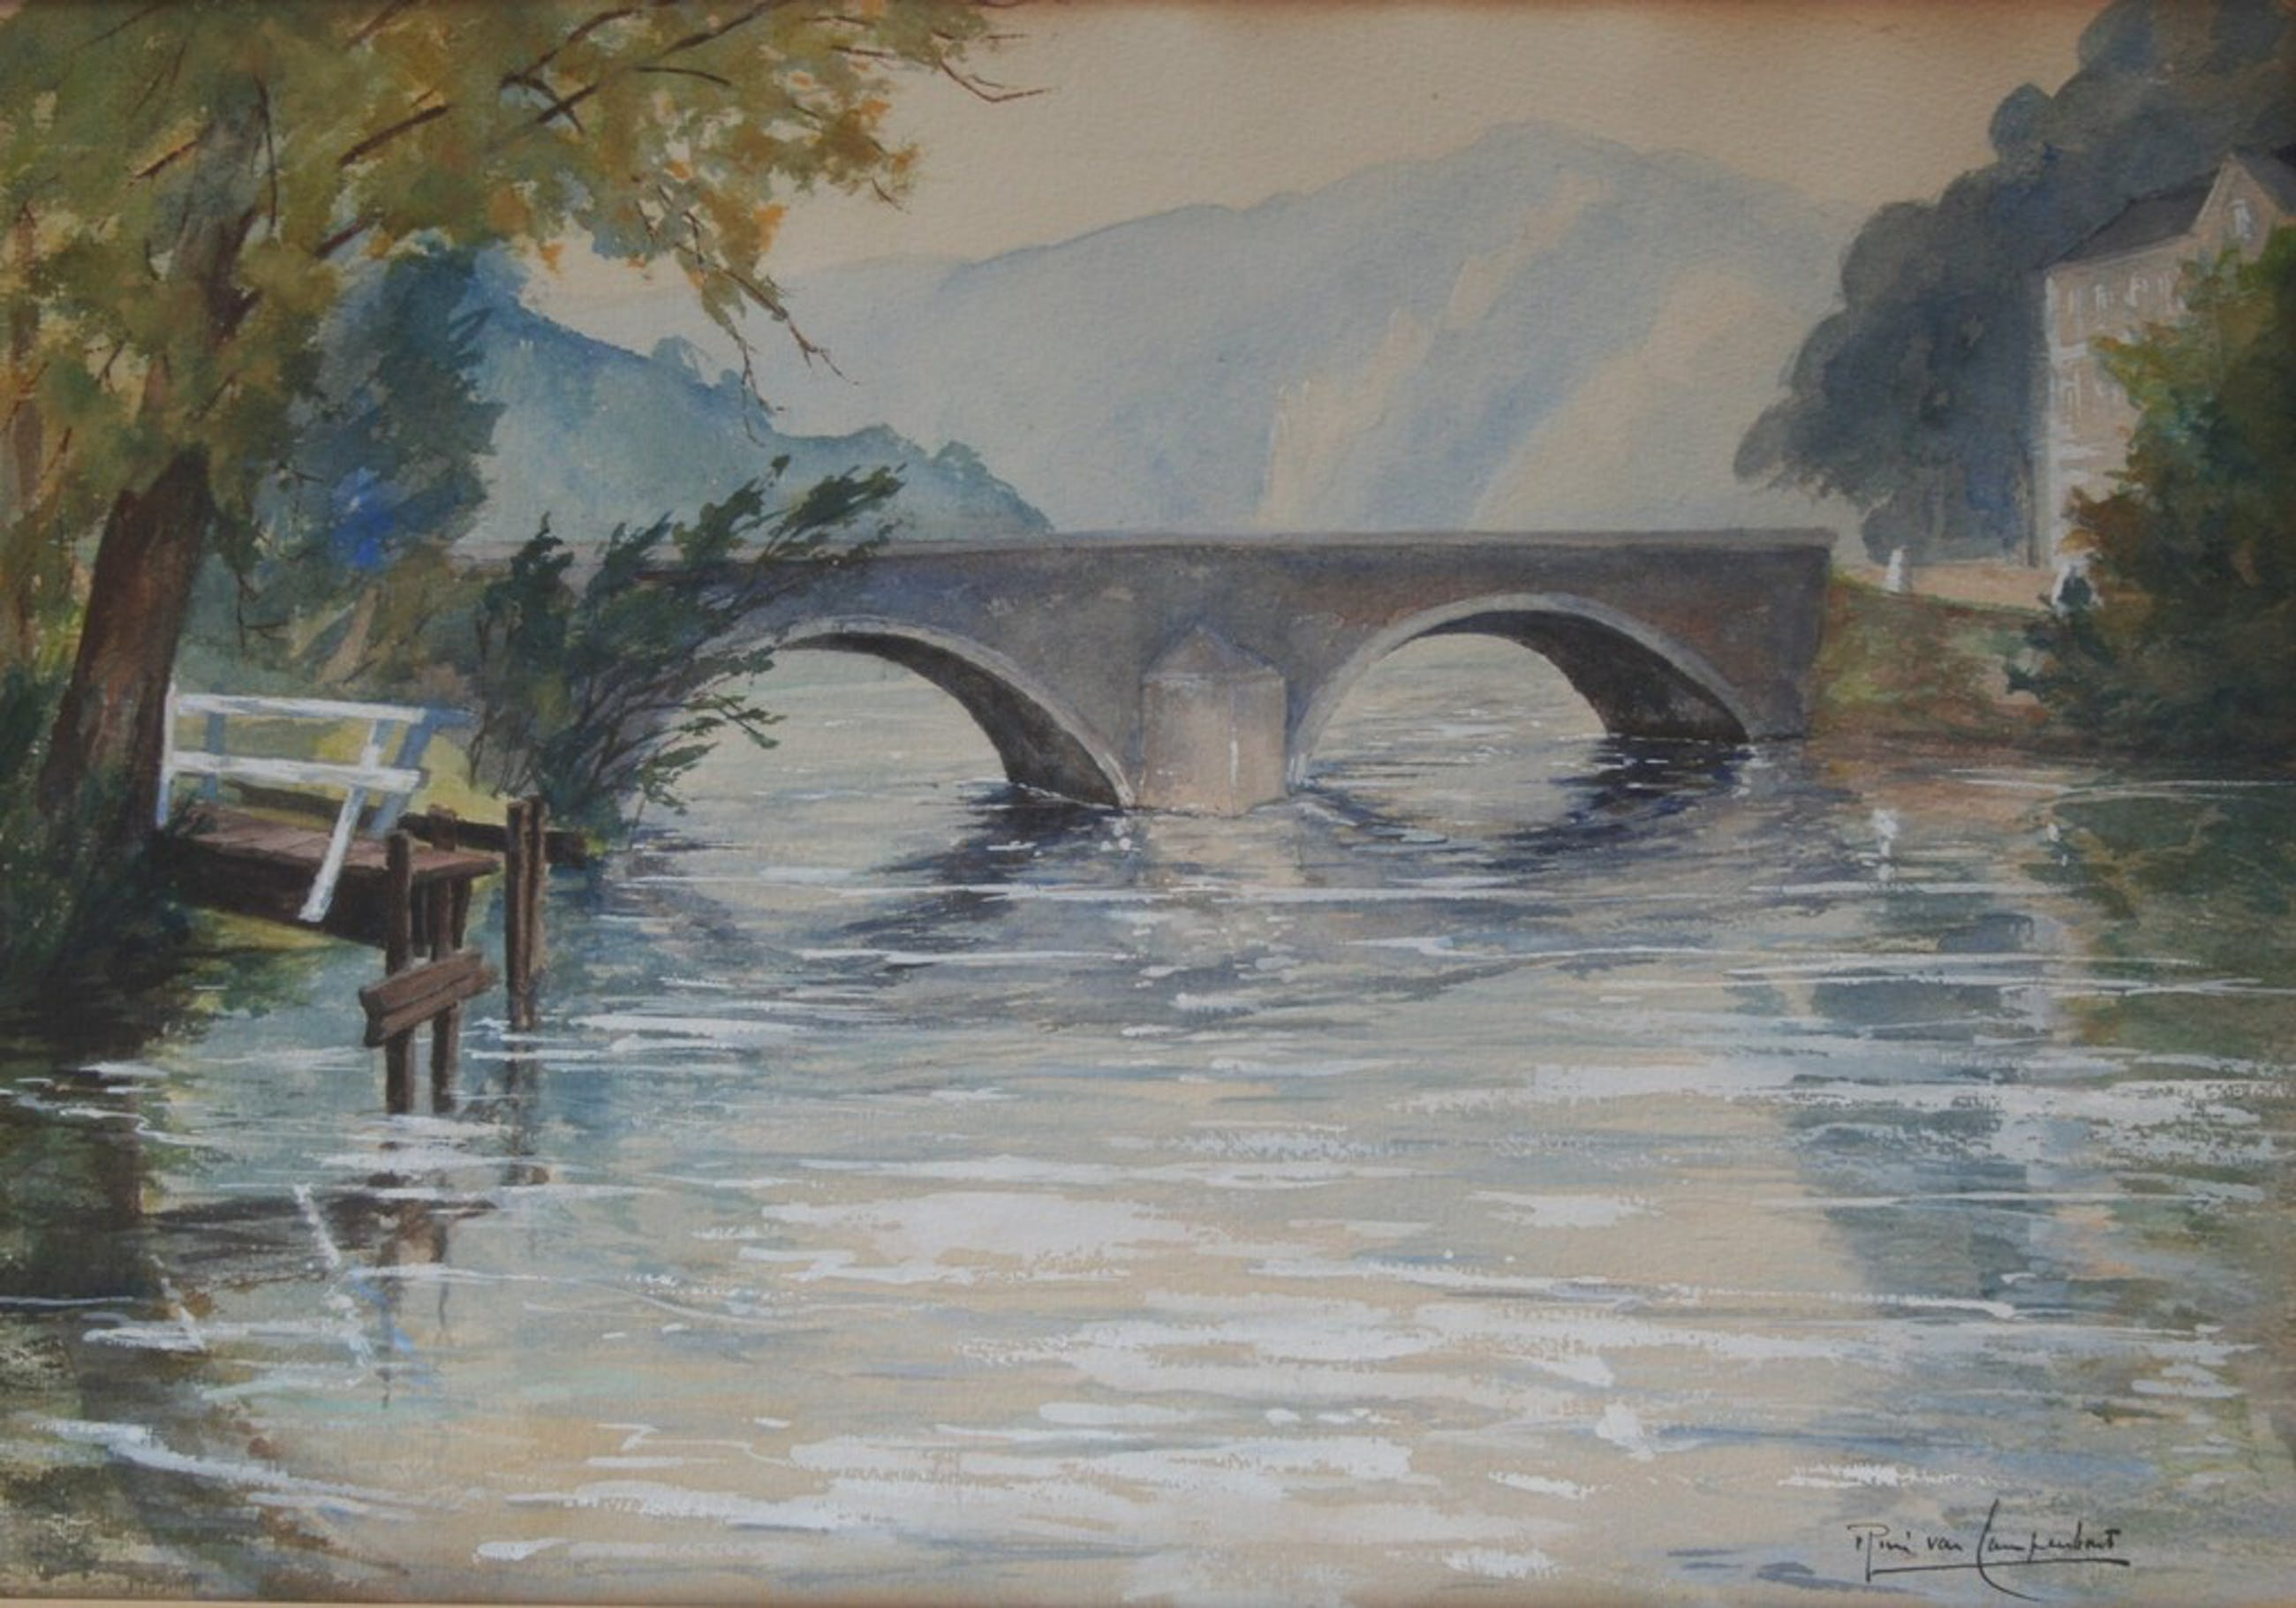 Onbekende kunstenaar - aquarel - oude brug over rivier in de bergen - gesigneerd kopen? Bied vanaf 1!